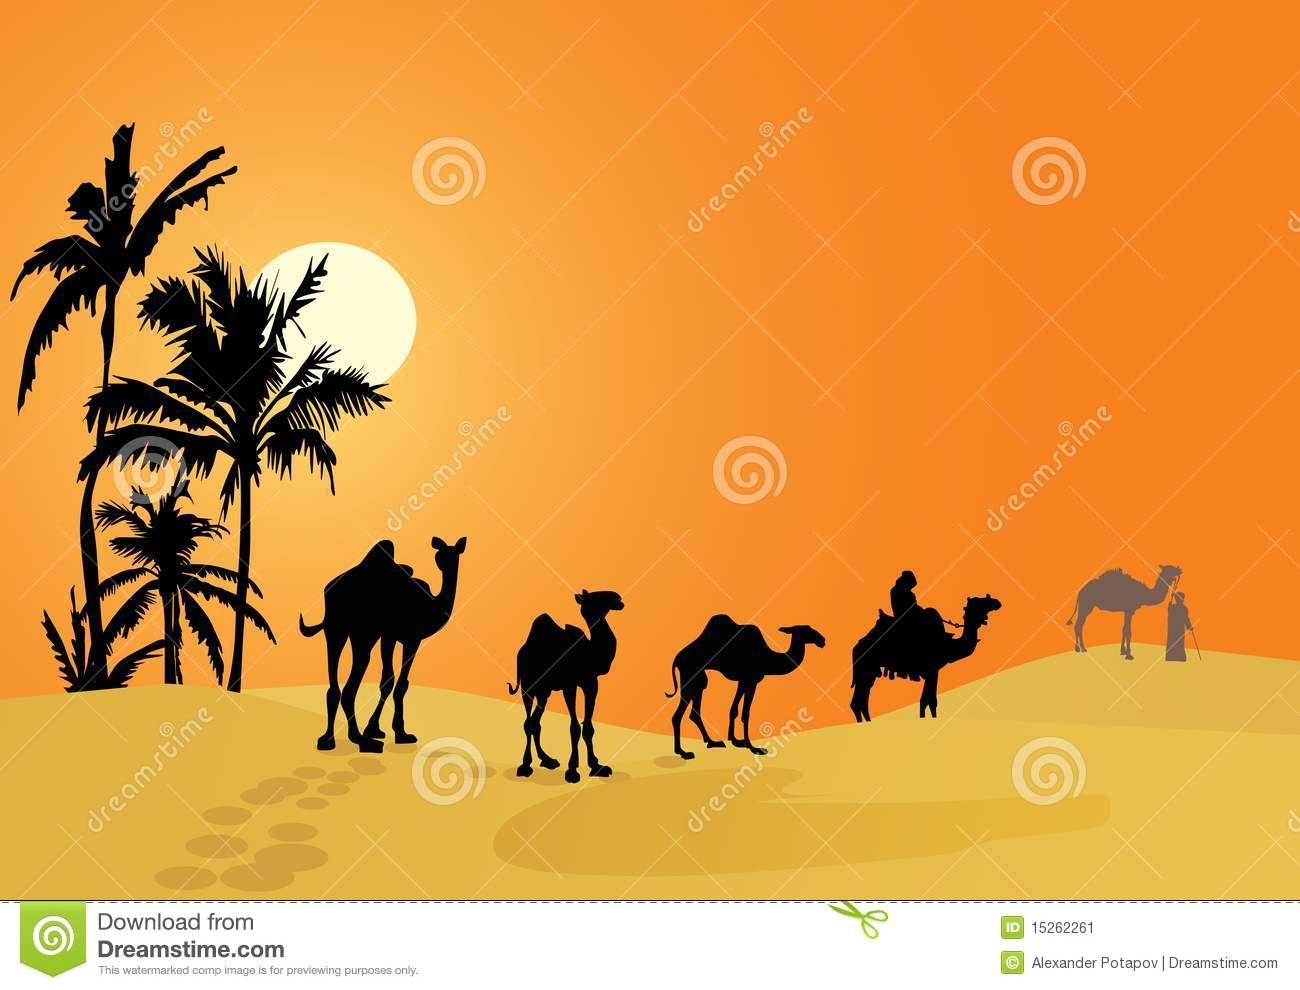 Camel Caravan clipart #5, Download drawings